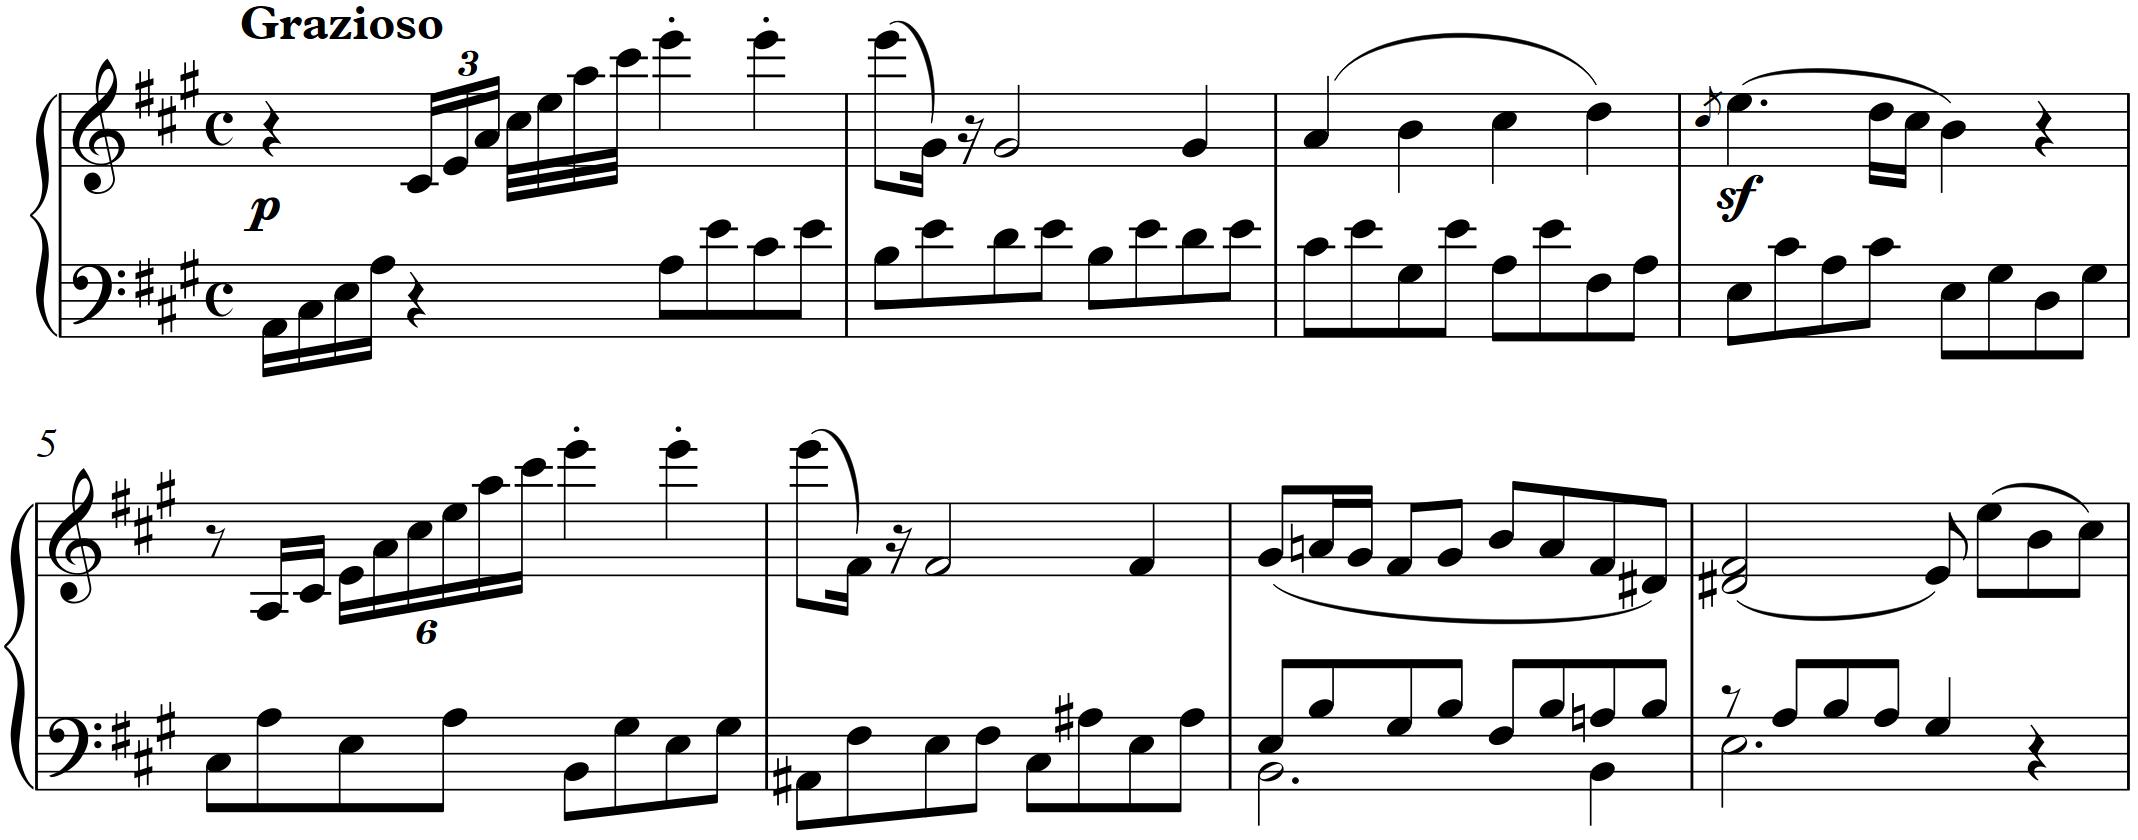 Beethoven Sonata 2 part 4 bar 1-8.png